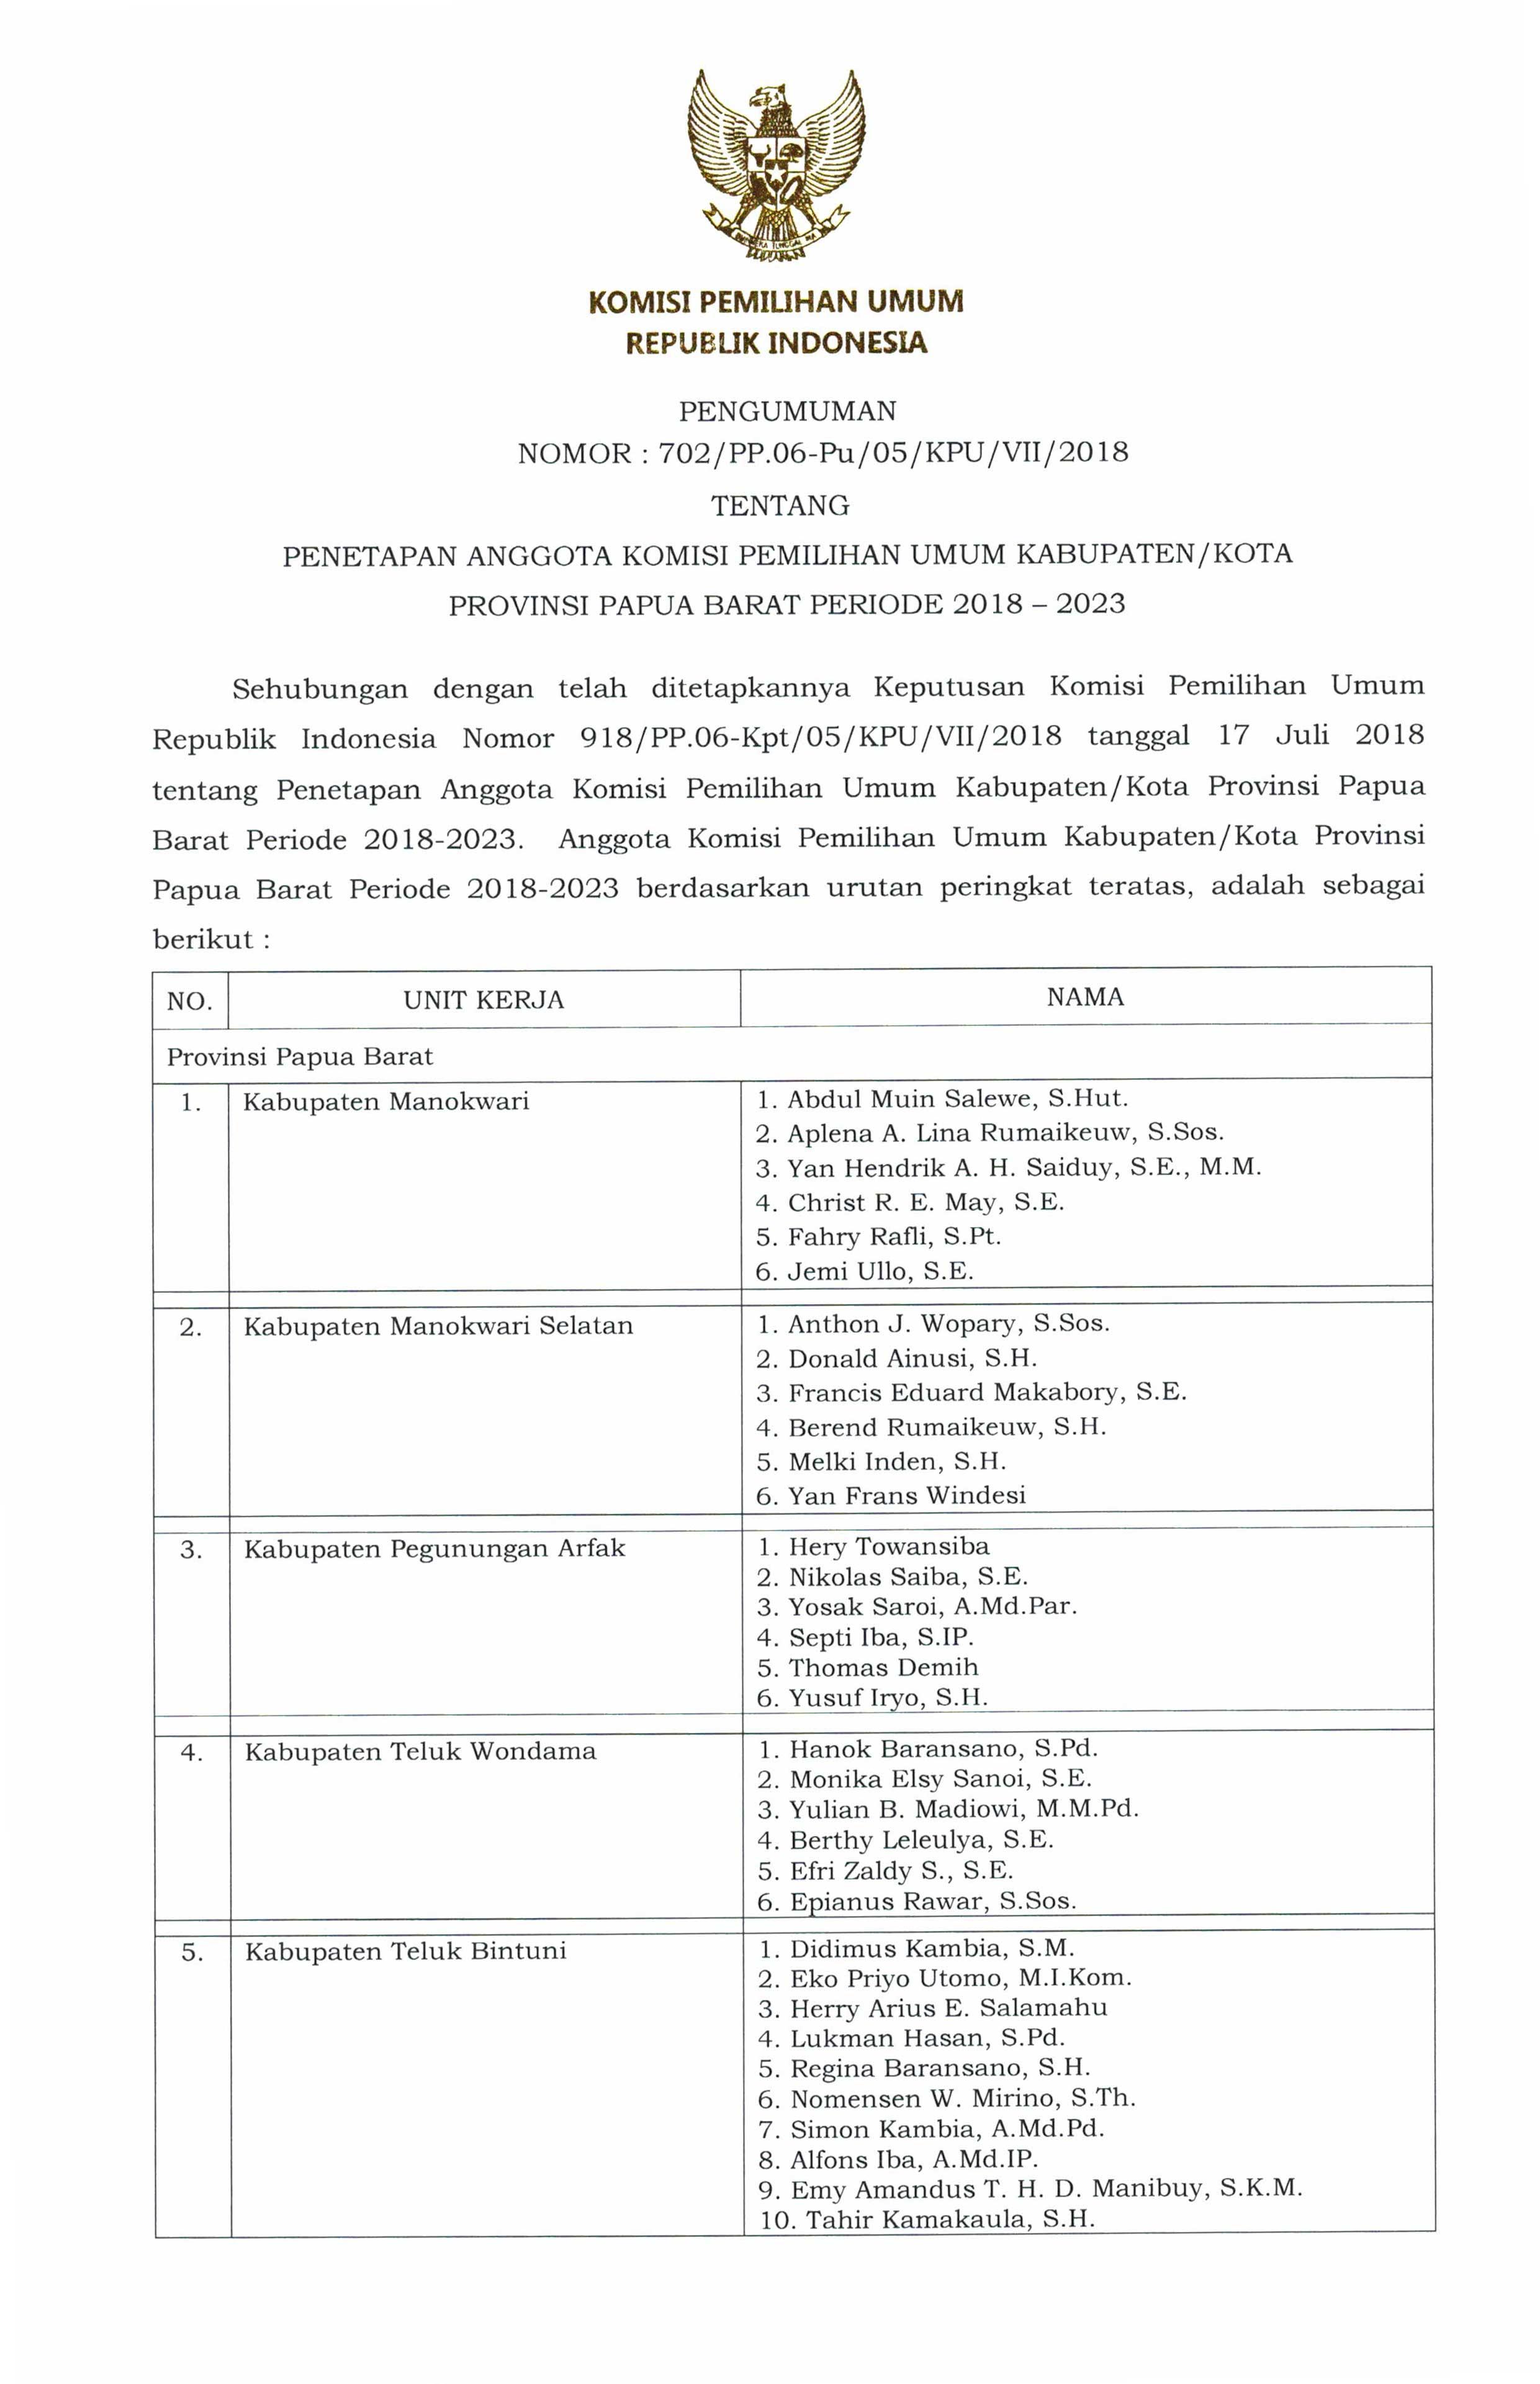 Anggota KPU Kabupaten Kota se Papua Barat 2018-2023